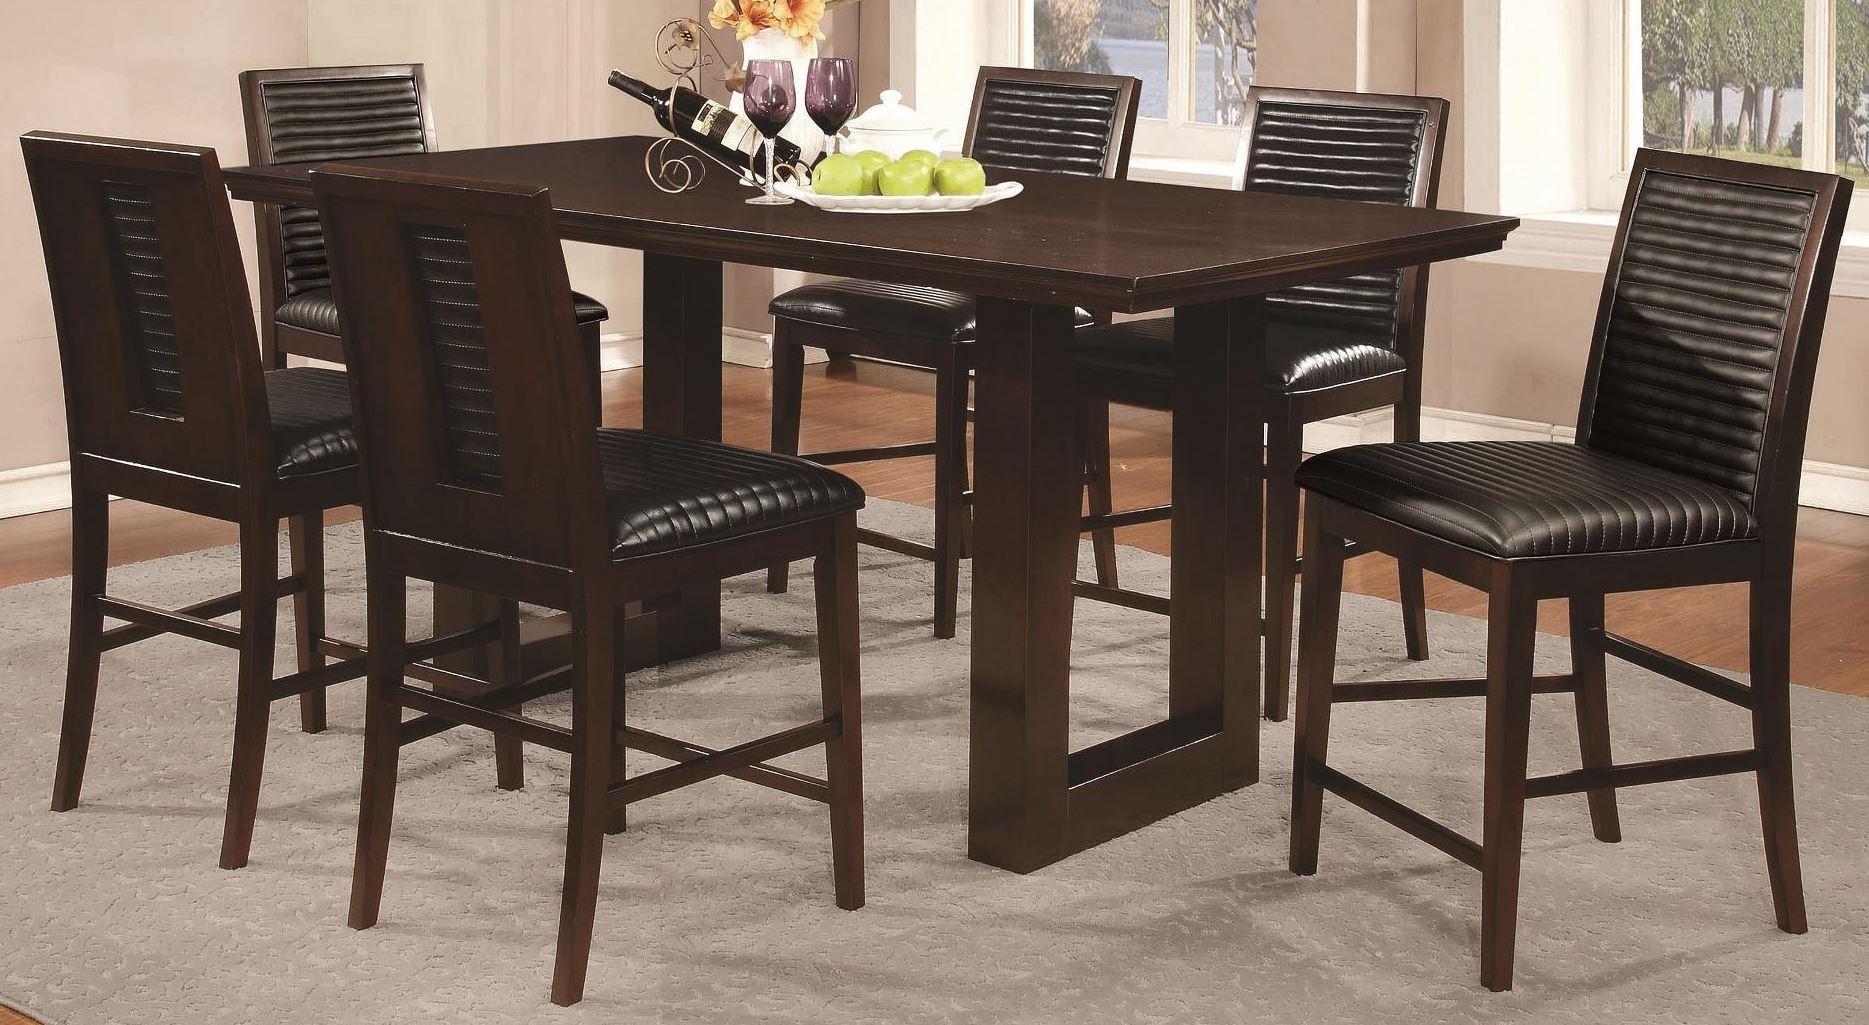 hd wallpapers counter height pedestal dining set 3dlovewallh